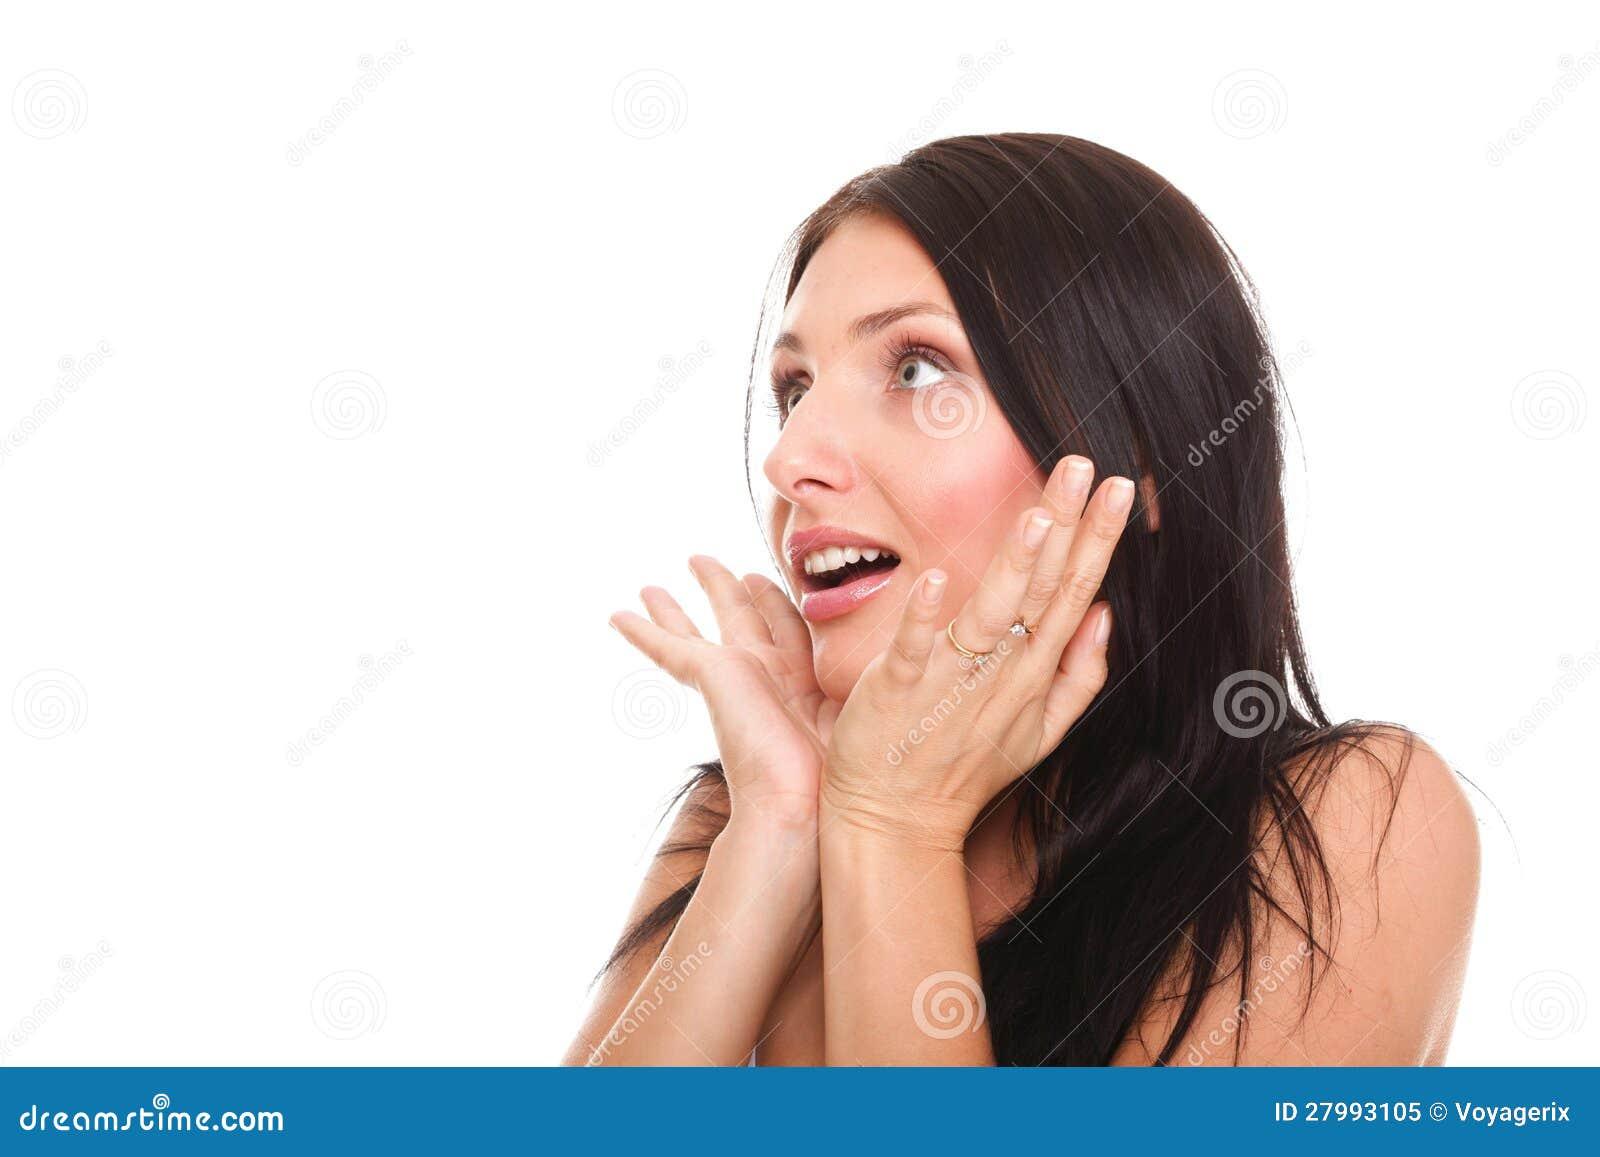 Die helle Abbildung der hübschen Frau erstaunt mit überreicht Mund